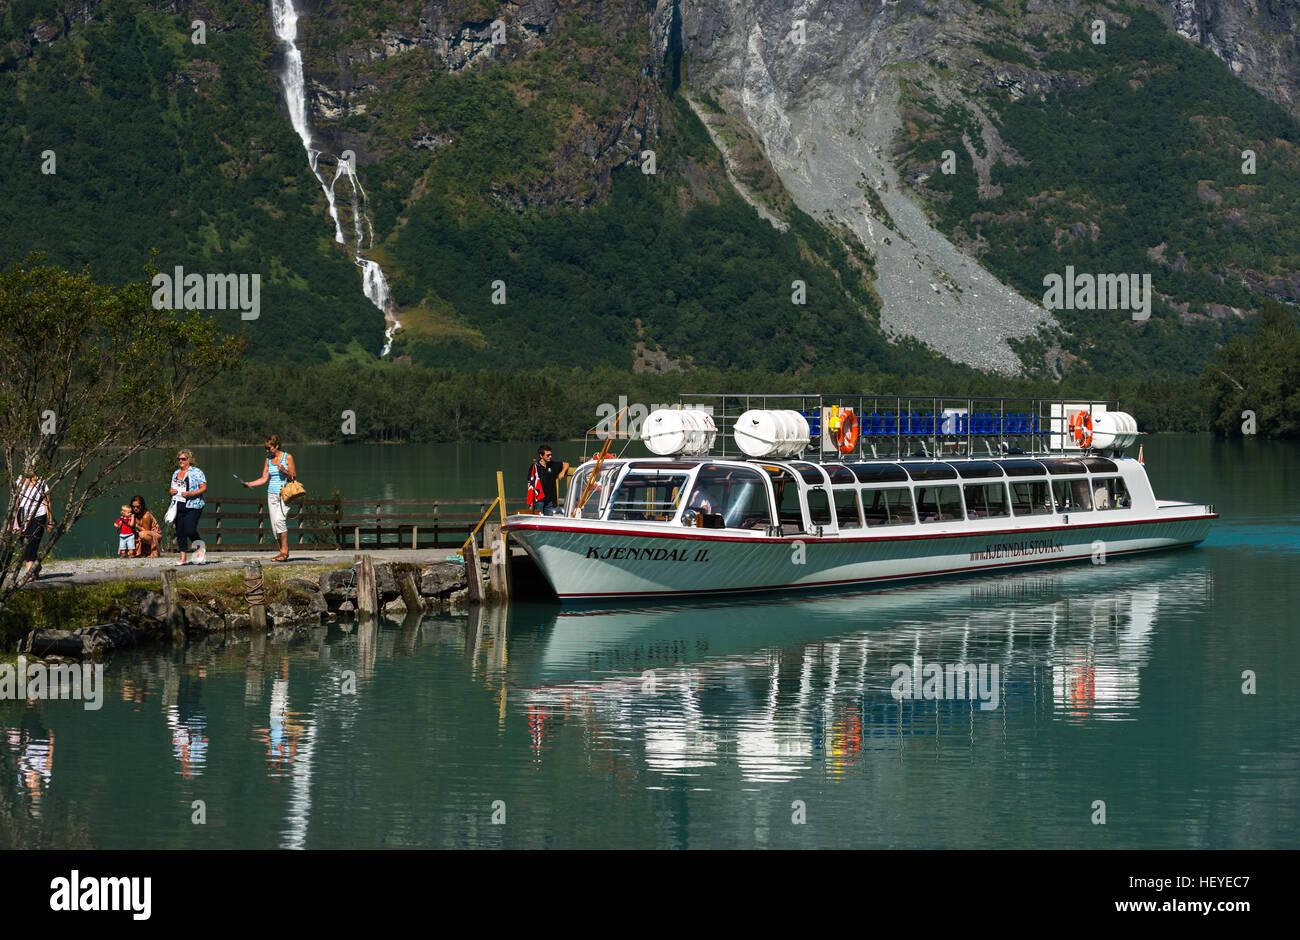 Un escénico viaje en barco por las aguas del lago Lovatnet, parque nacional de Jostedalsbreen. Cerca de Loen. Imagen De Stock